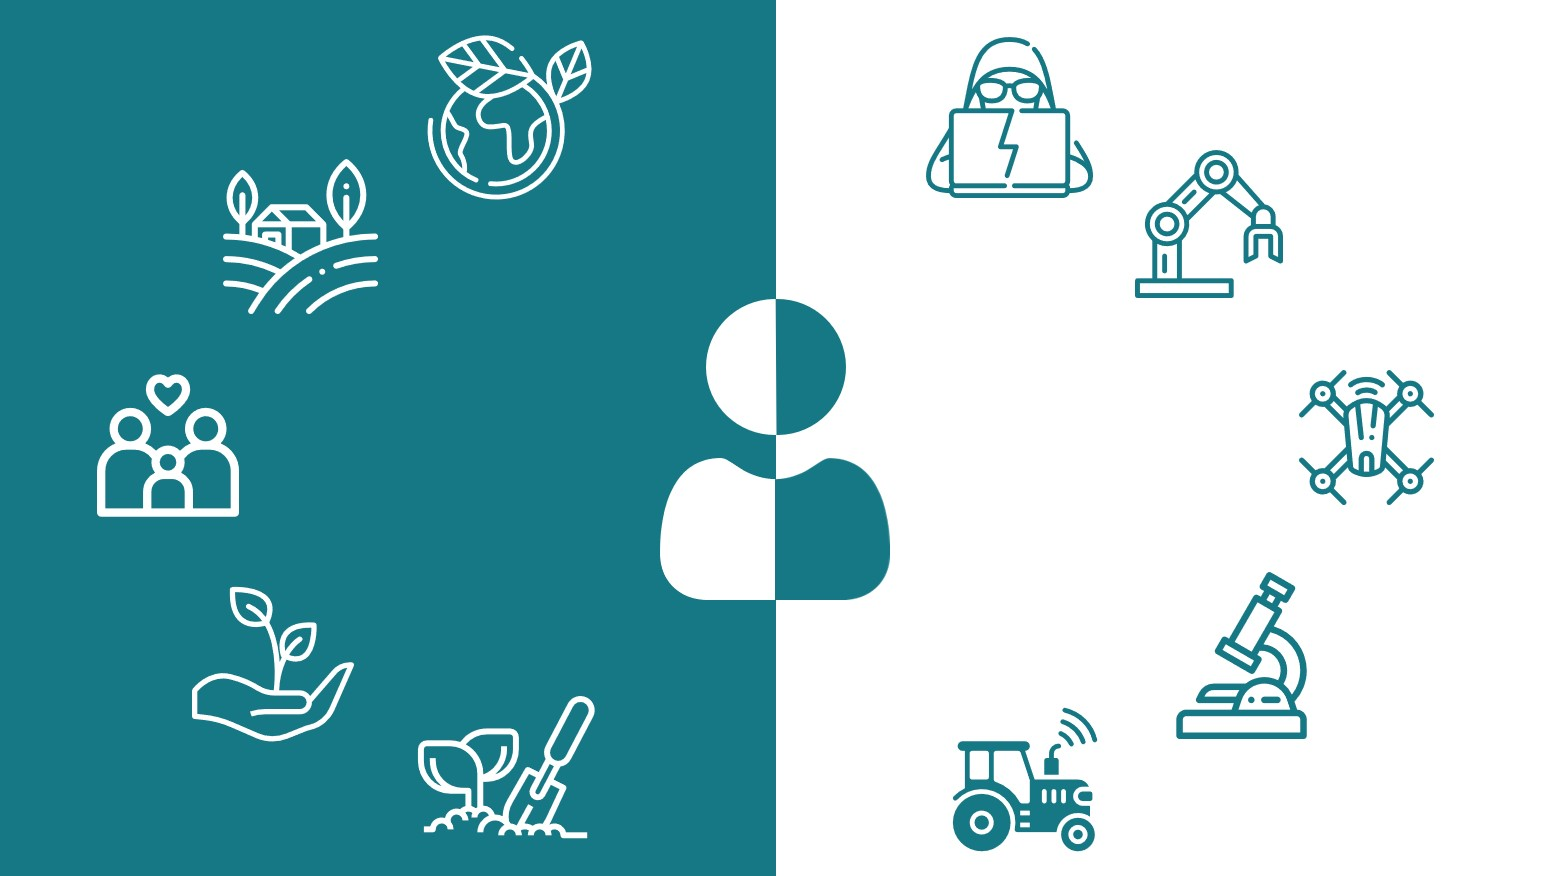 kuvituskuva, sinivihreä ja valkoinen tausta, jossa maatalouteen ja teknologiaan liittyviä kuvakkeita